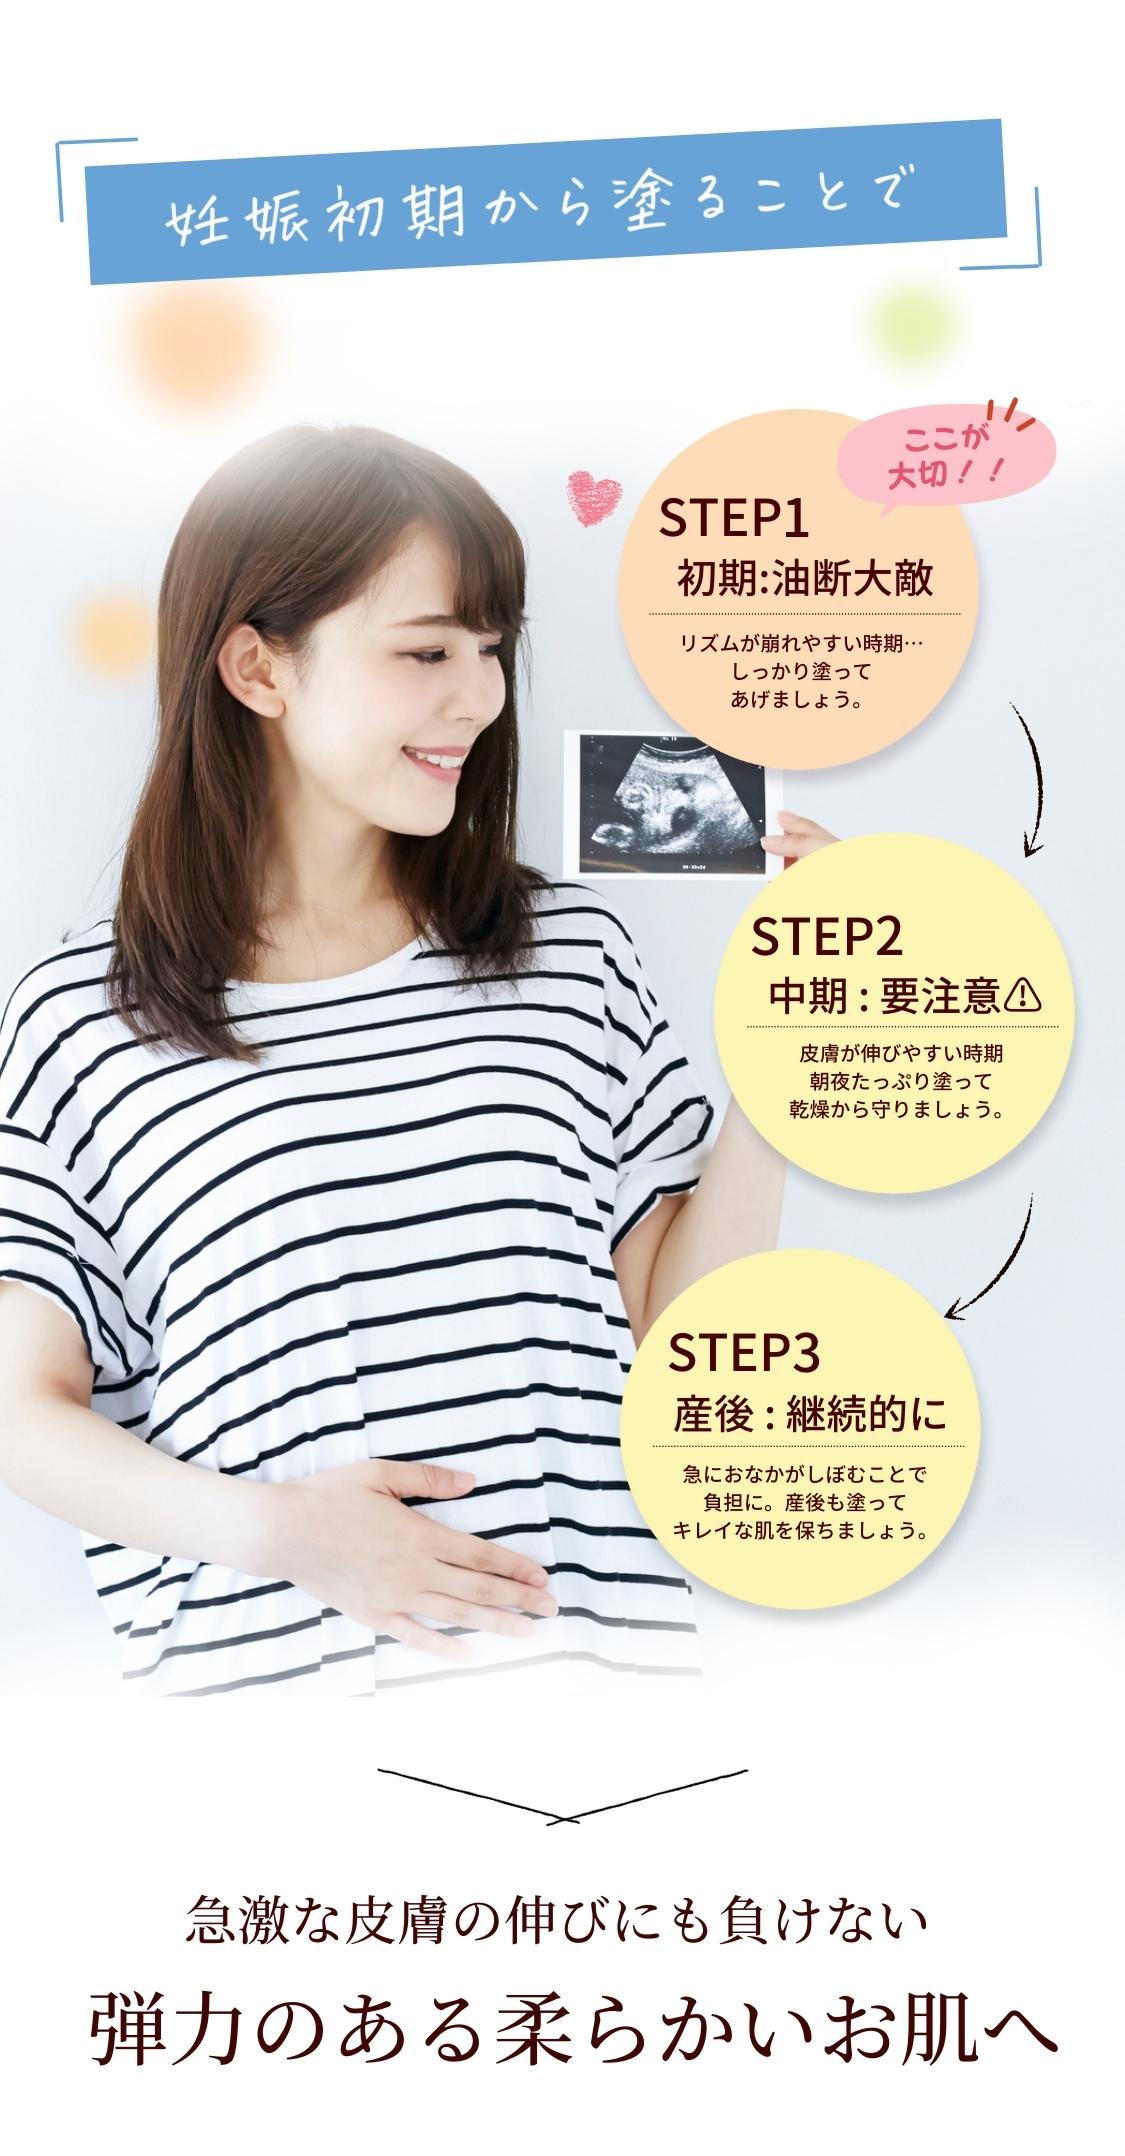 妊娠初期から塗る 急激な皮膚の伸びにも負けない 弾力のある柔らかいお肌へ